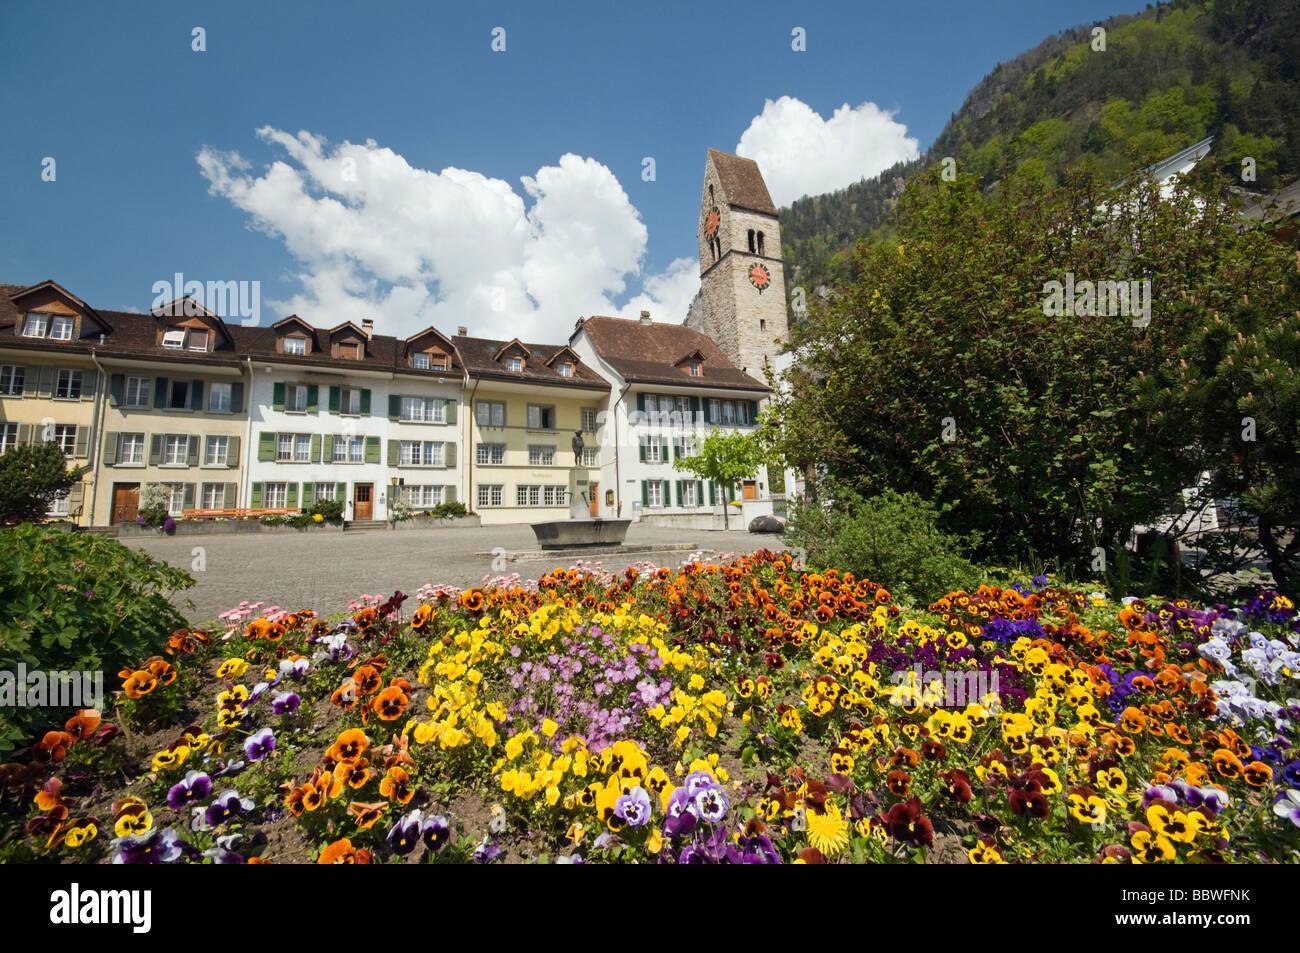 Interlaken Clock Tower and Square, Switzerland - Stock Image